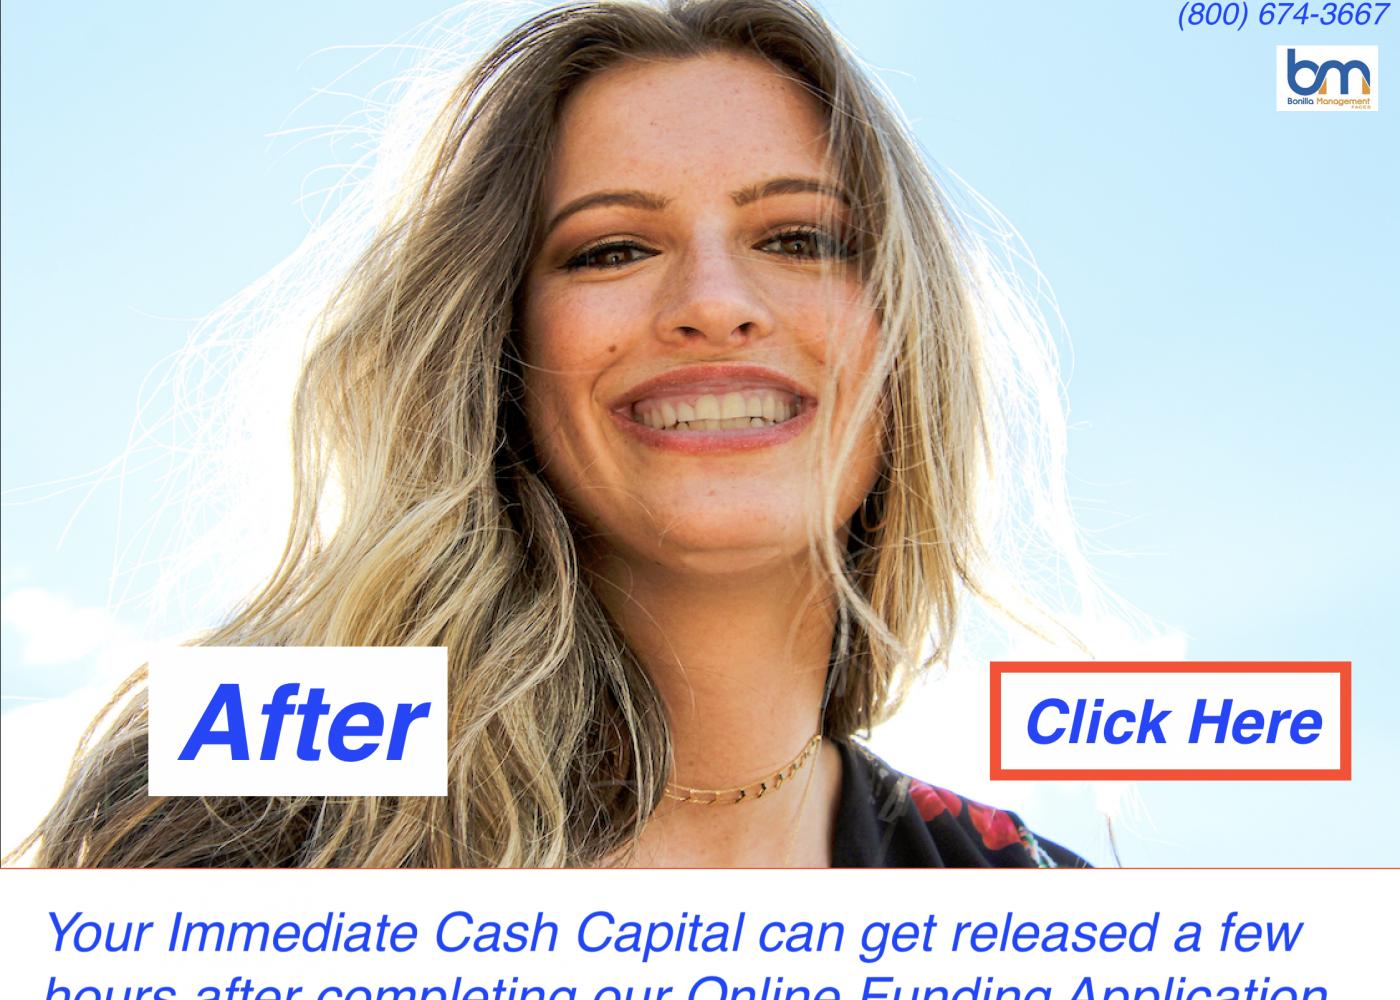 dec 25 2020 - happy face smile -ad